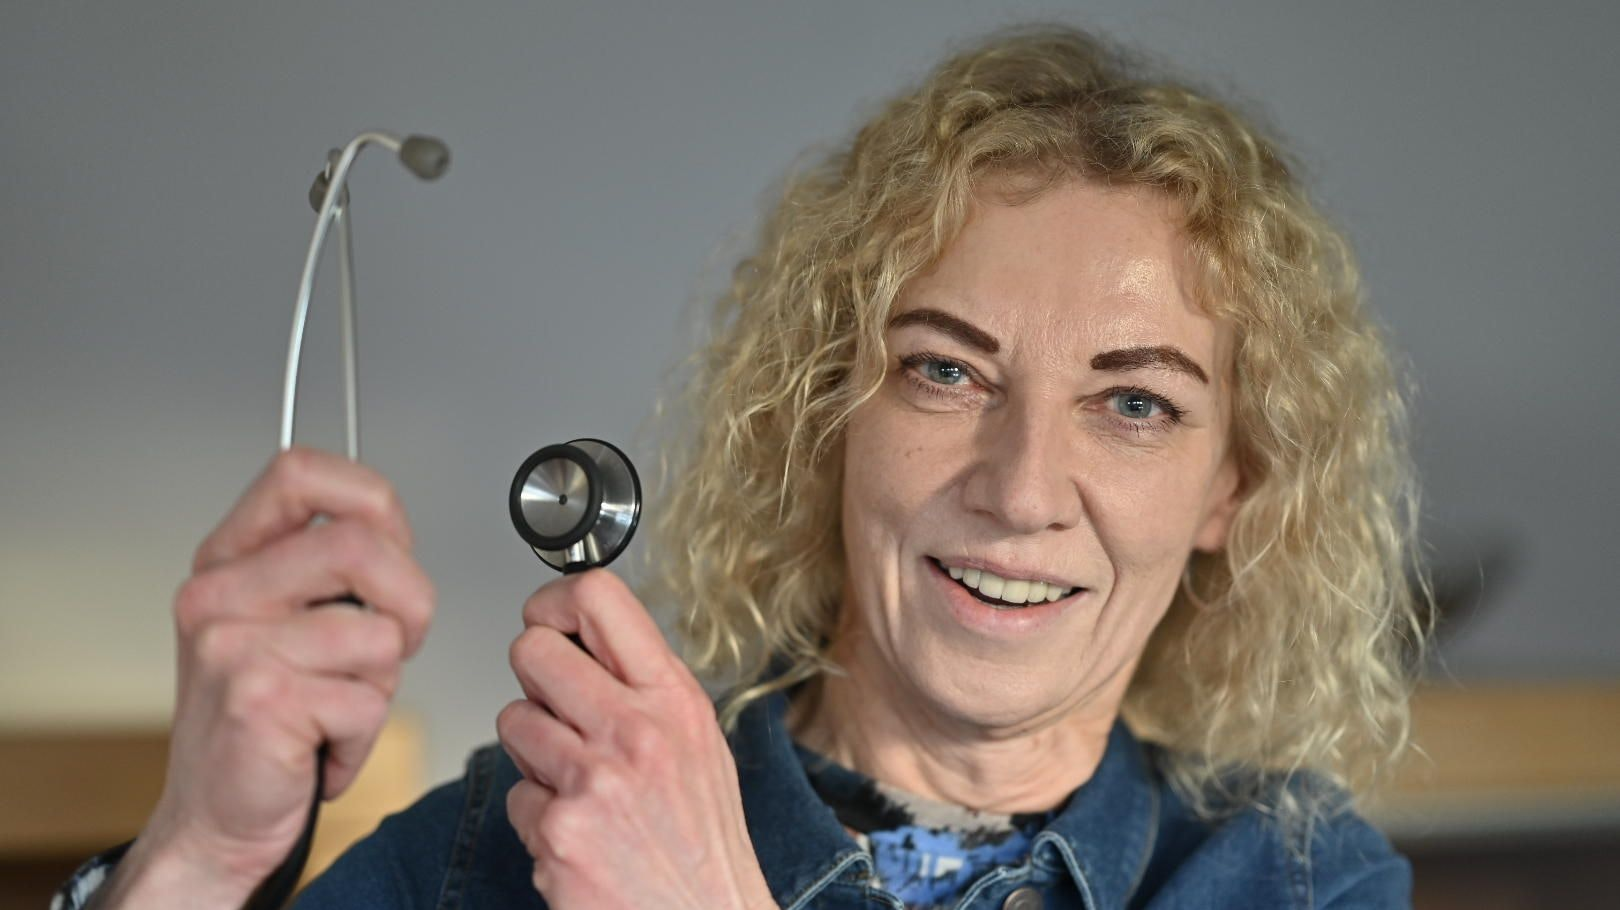 Das Stethoskop gehört zur Grundausstattung: Birgit Krzemien hat es im Einsatz stets dabei. Foto: M. Niehues